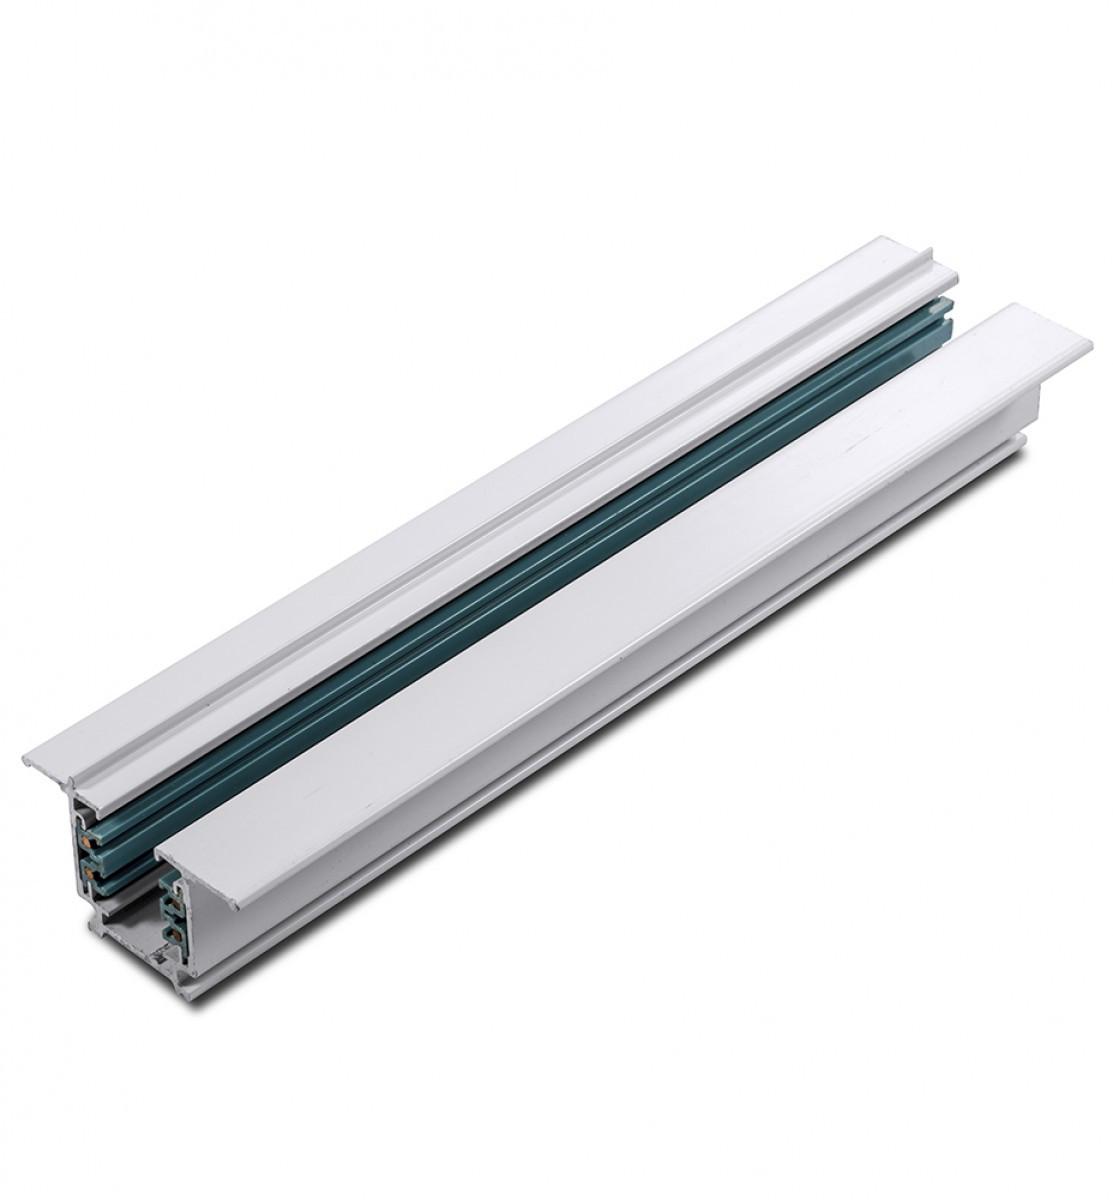 MC-3/1000 into трёхфазный врезной шинопровод для трековых светильников